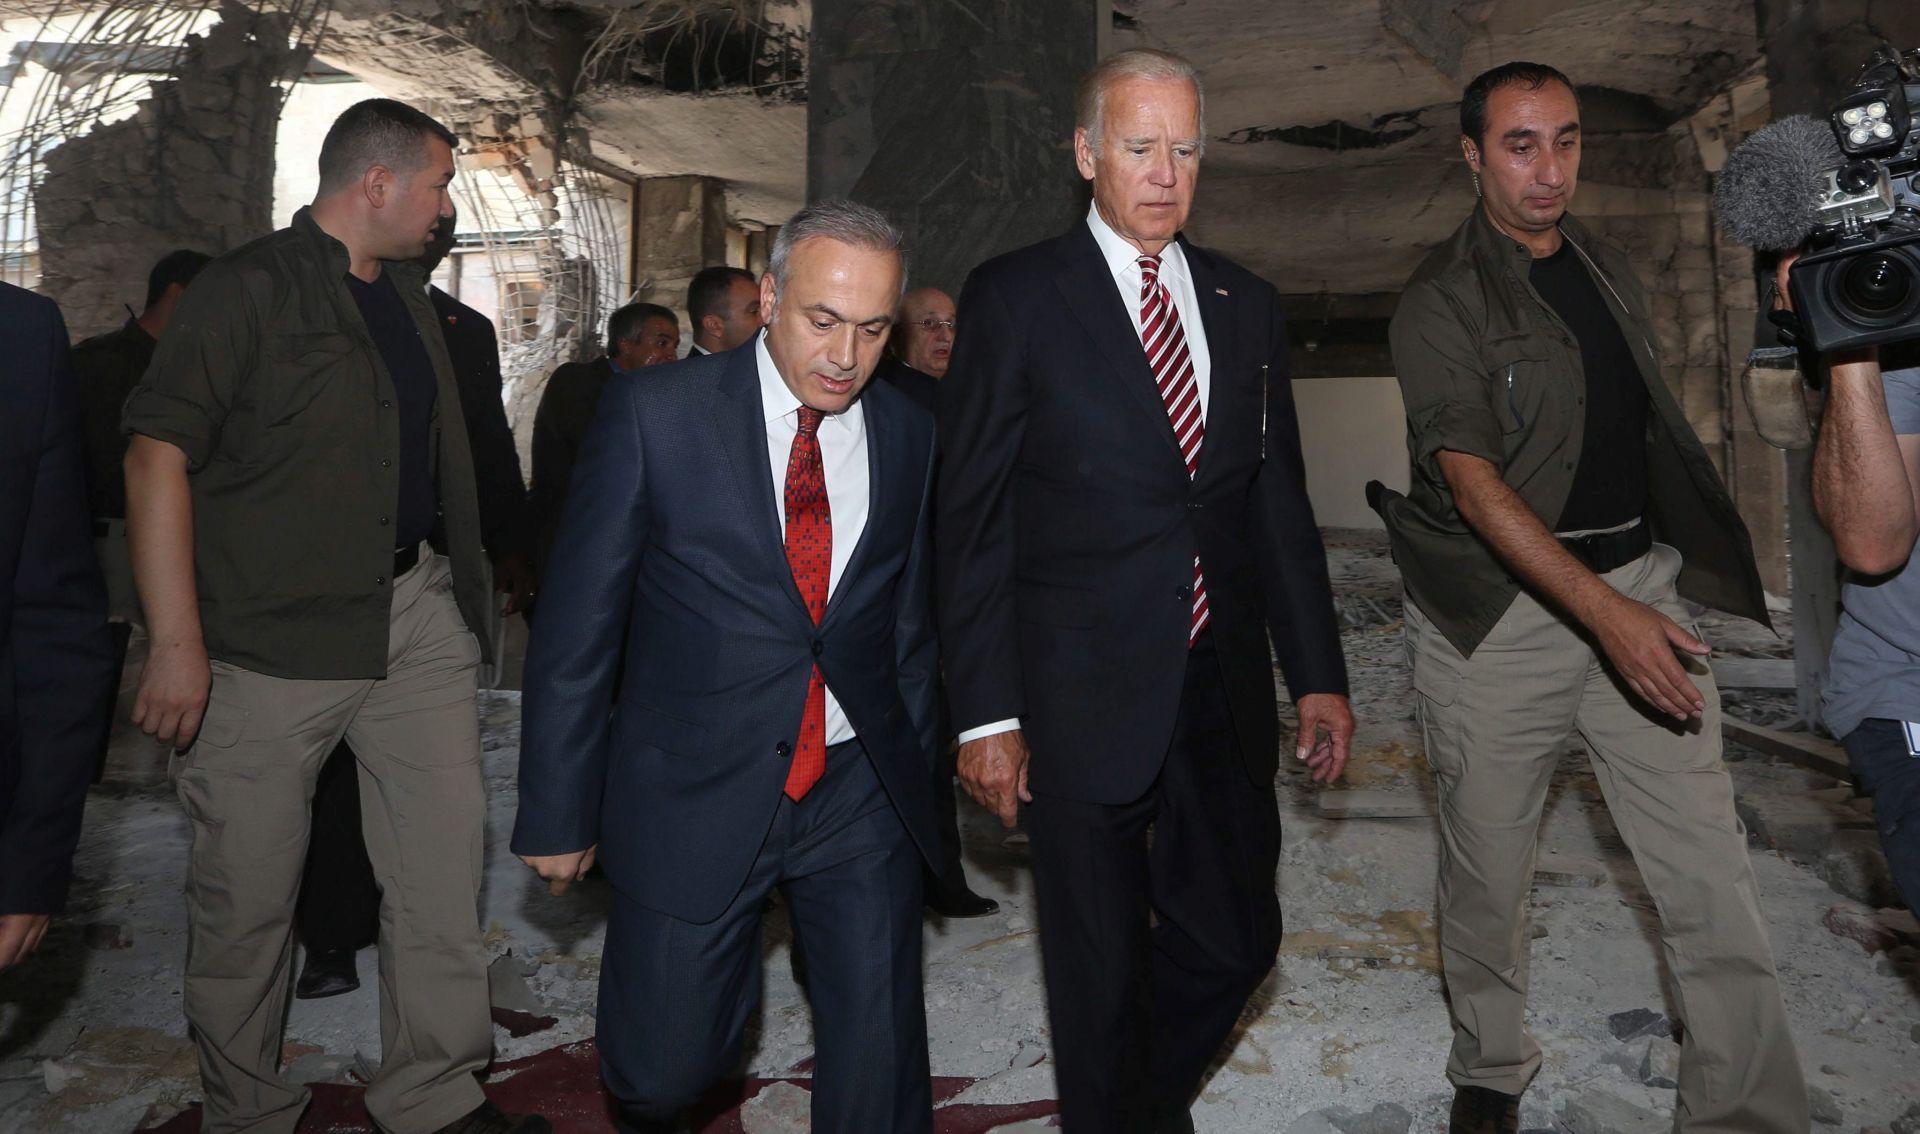 AMERIČKA POTPORA: Biden poziva sirijske Kurde da se povuku istočno od Eufrata